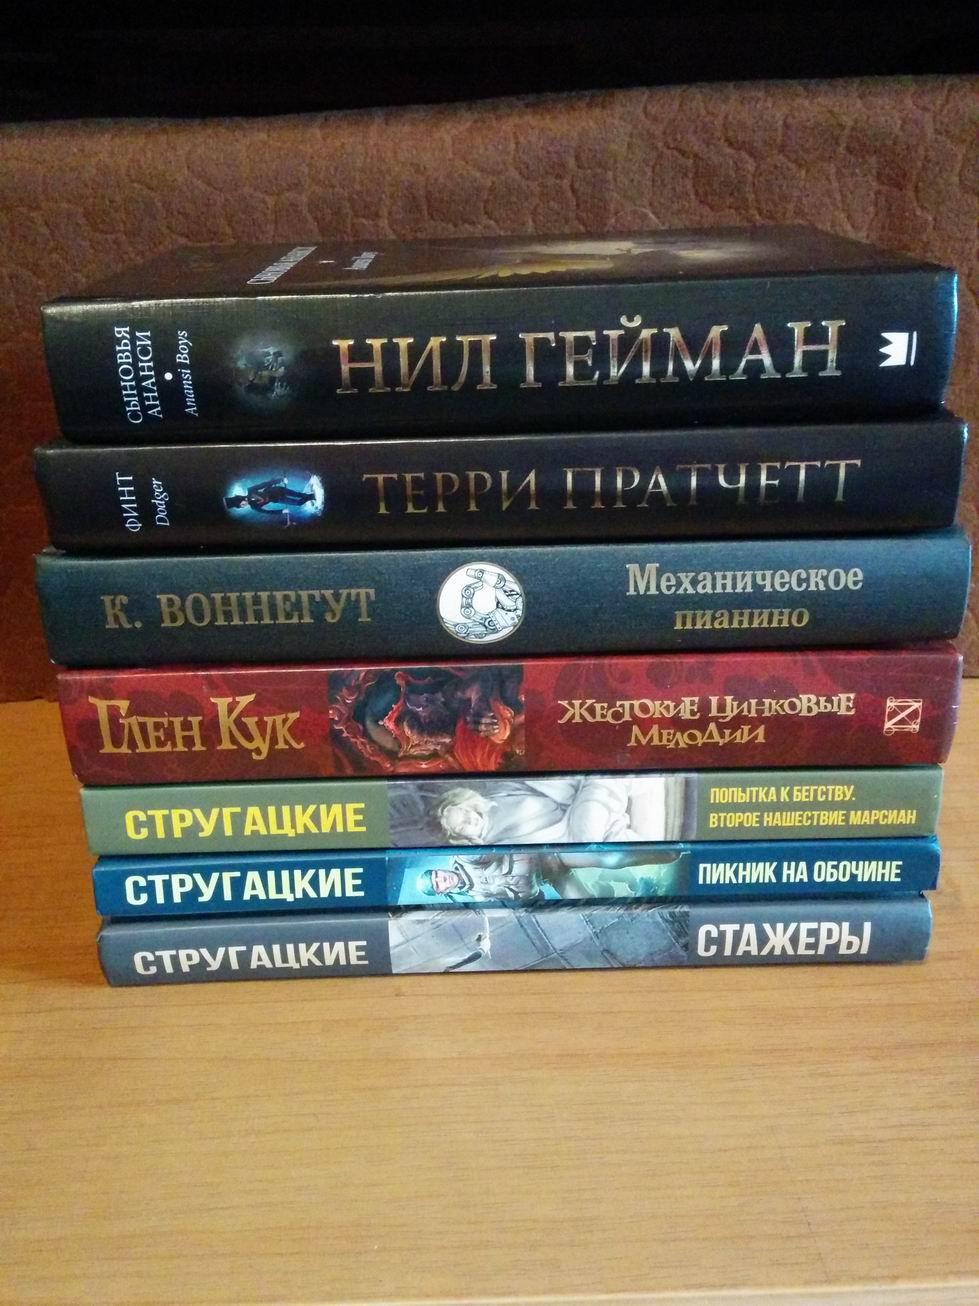 Продам: Фантастика. Книги новые или в идеальном состоянии.Пи